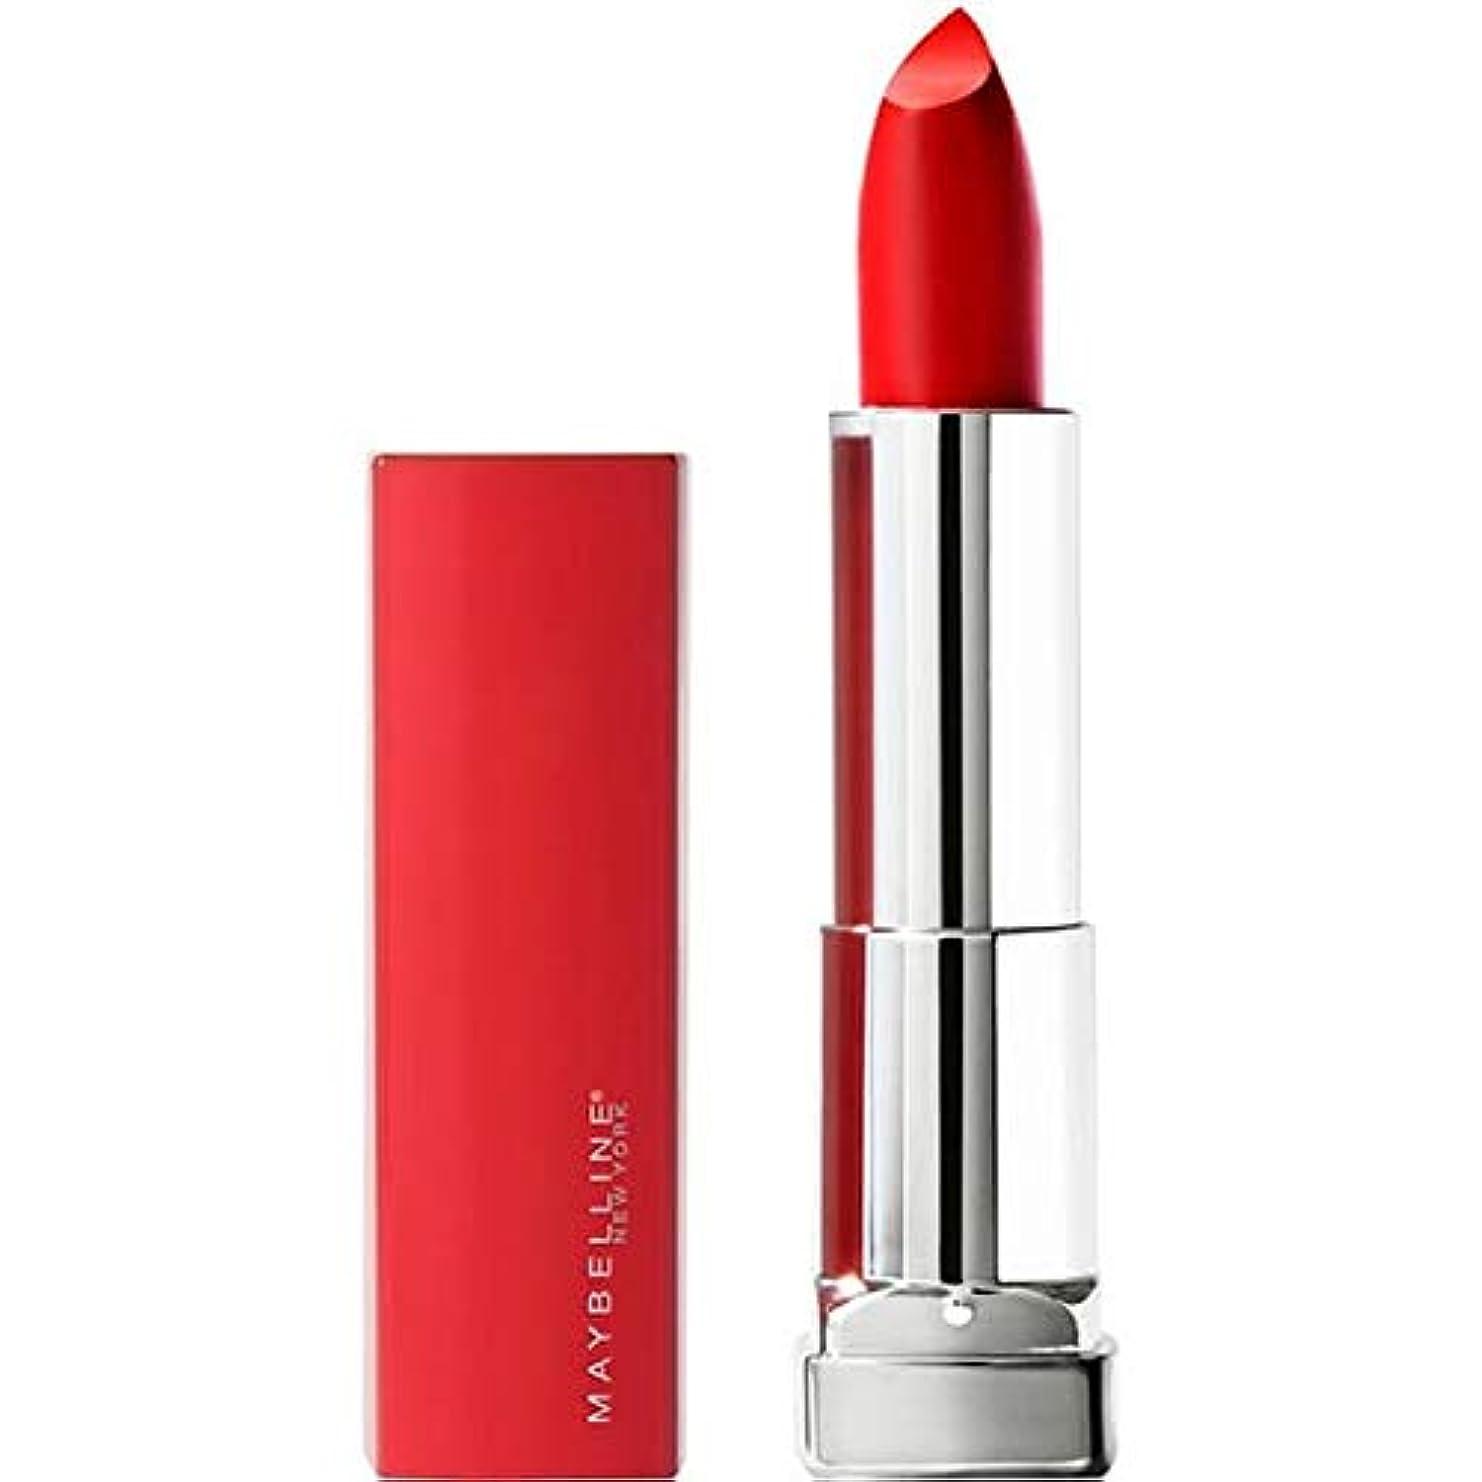 ショップ余裕がある船形[Maybelline ] メイベリンの色はセンセーショナルな私のためにすべての382の赤のために作られました - Maybelline Color Sensational Made For All 382 Red For...